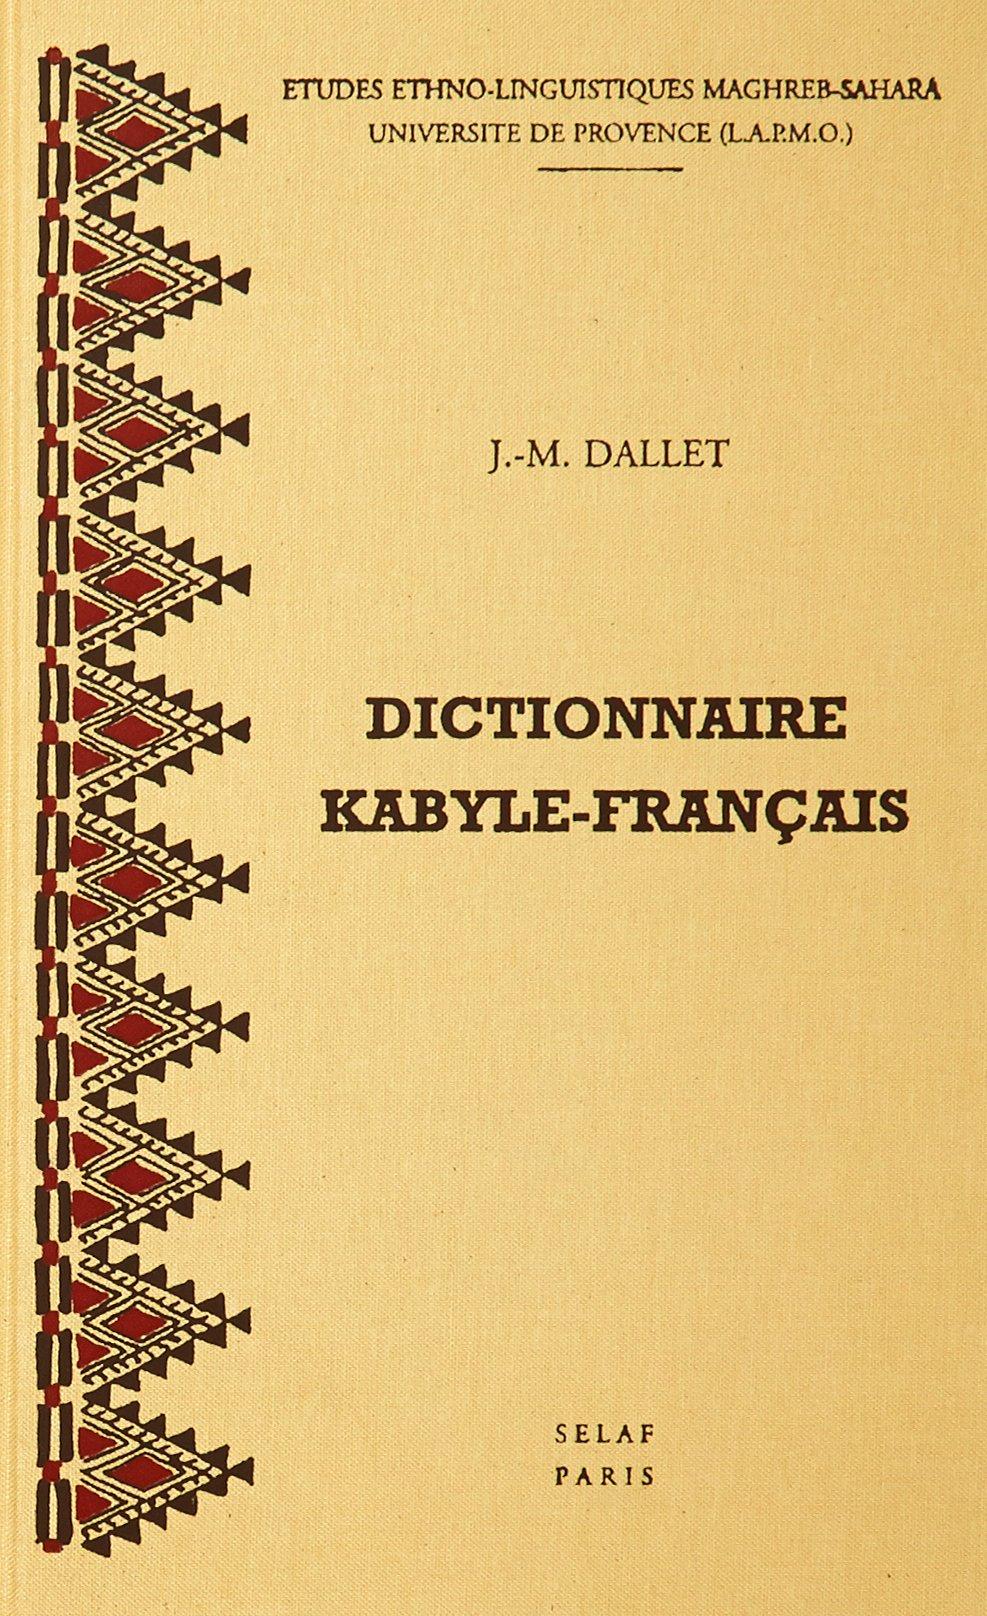 Dictionnaire kabyle-francais. Parler des Ait Mangellat (Algerie). MS1 (Societe d'Etudes Linguistiques et Anthropologiques de France) by Peeters